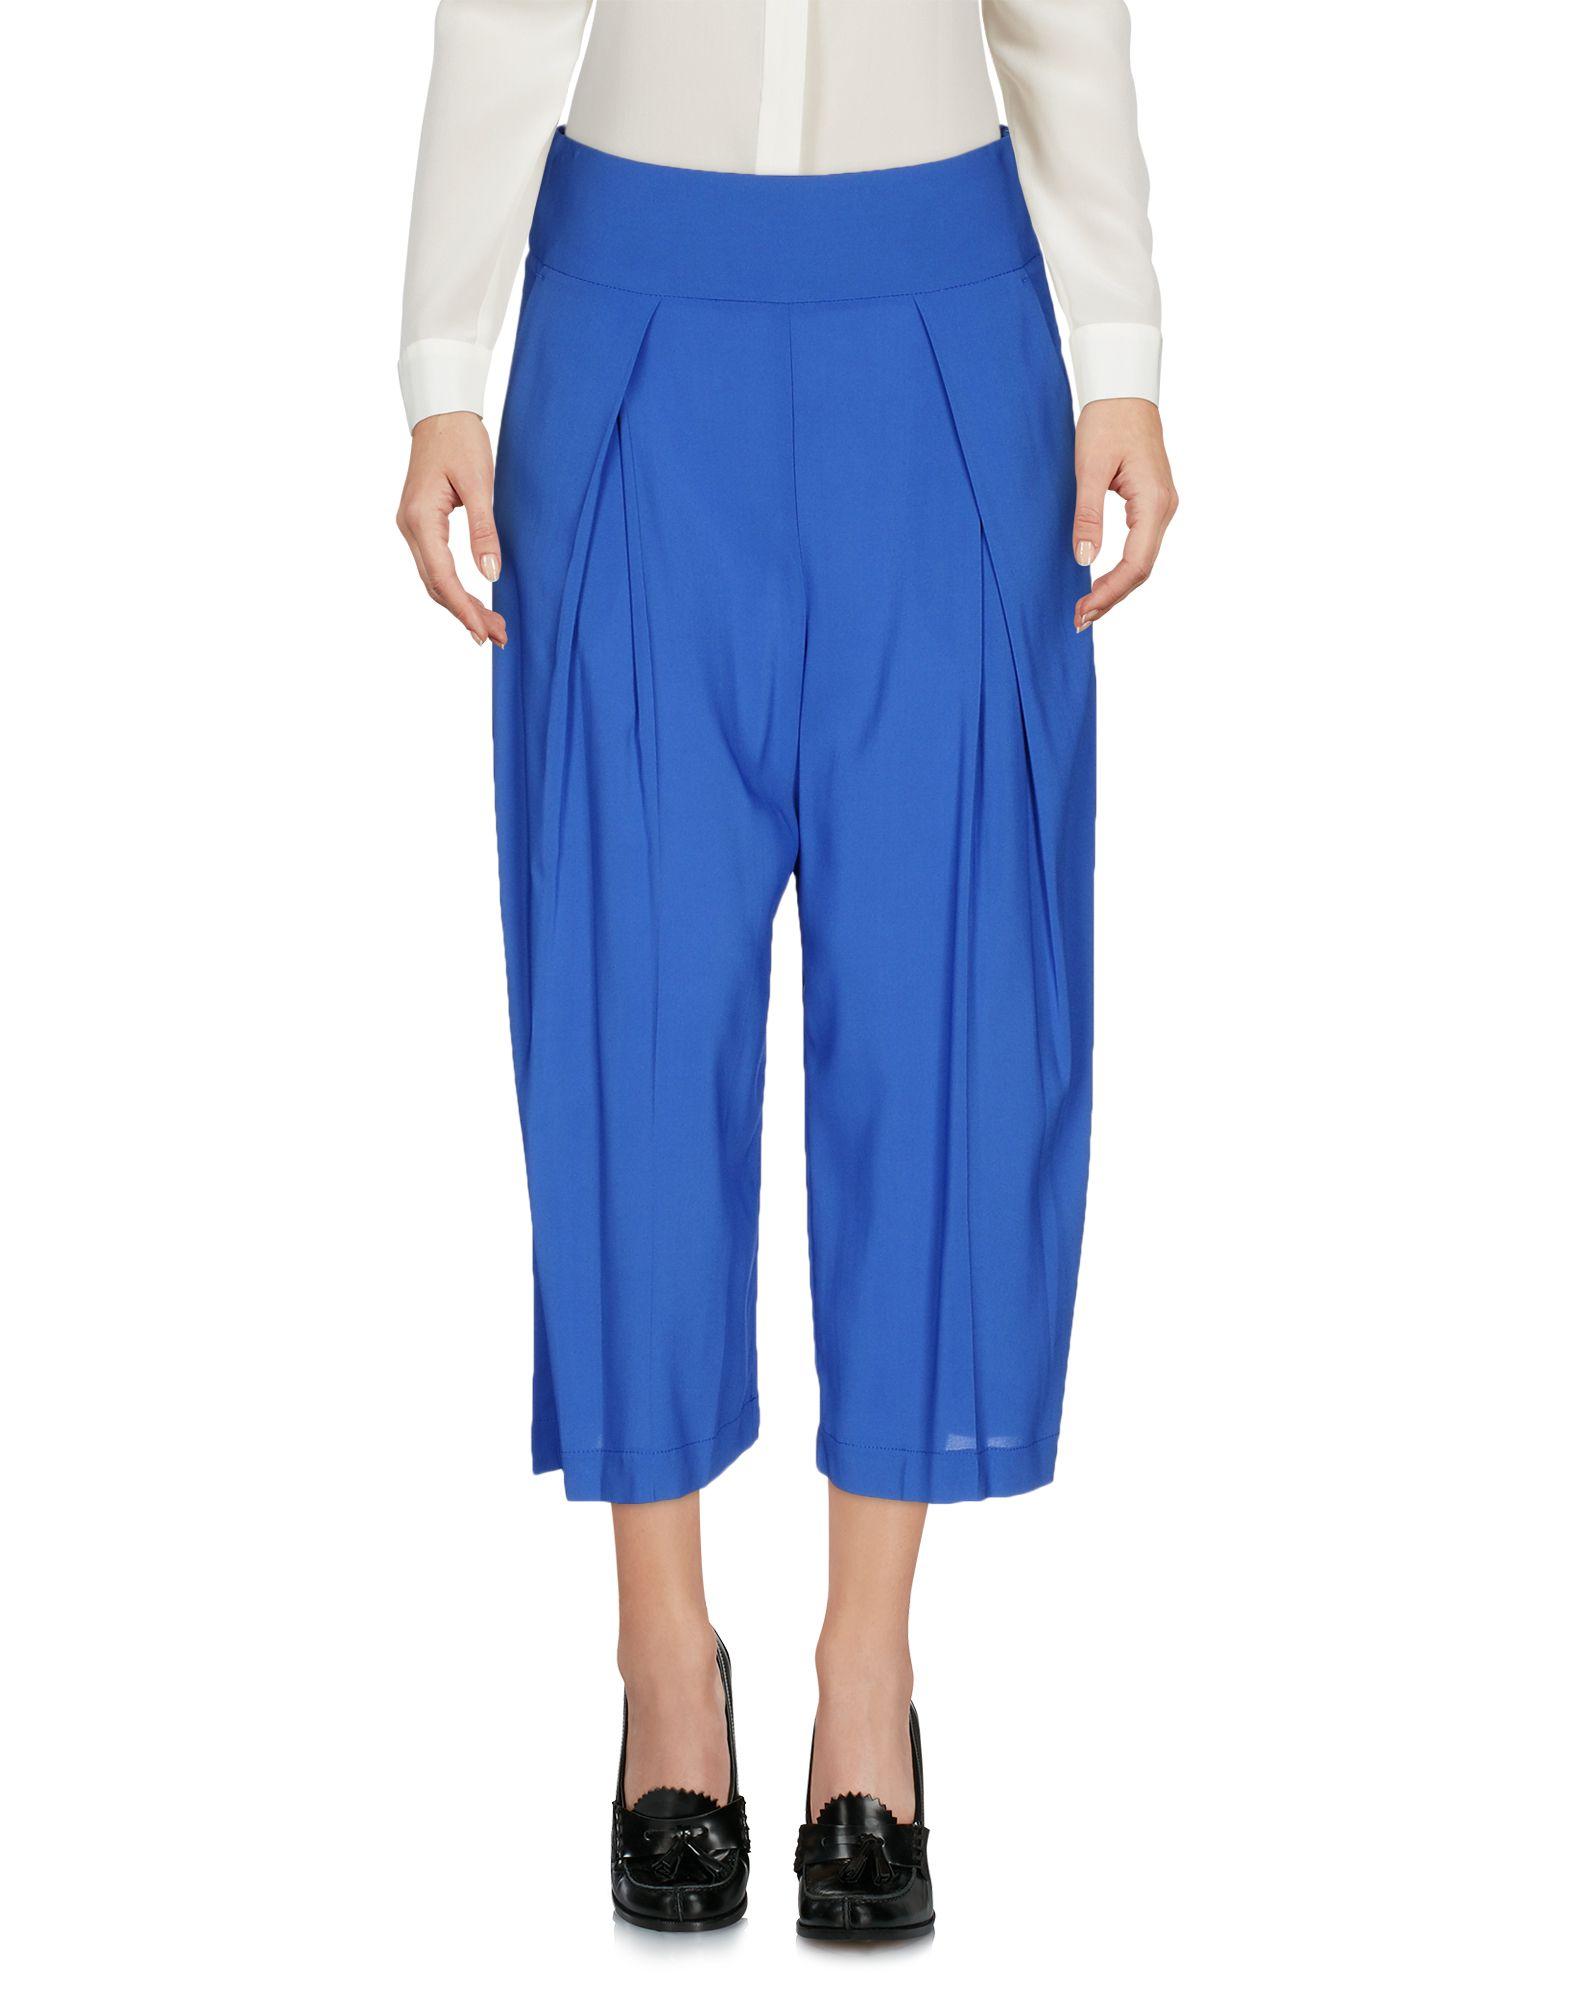 PINKO Damen Caprihose Farbe Blau Größe 5 jetztbilligerkaufen